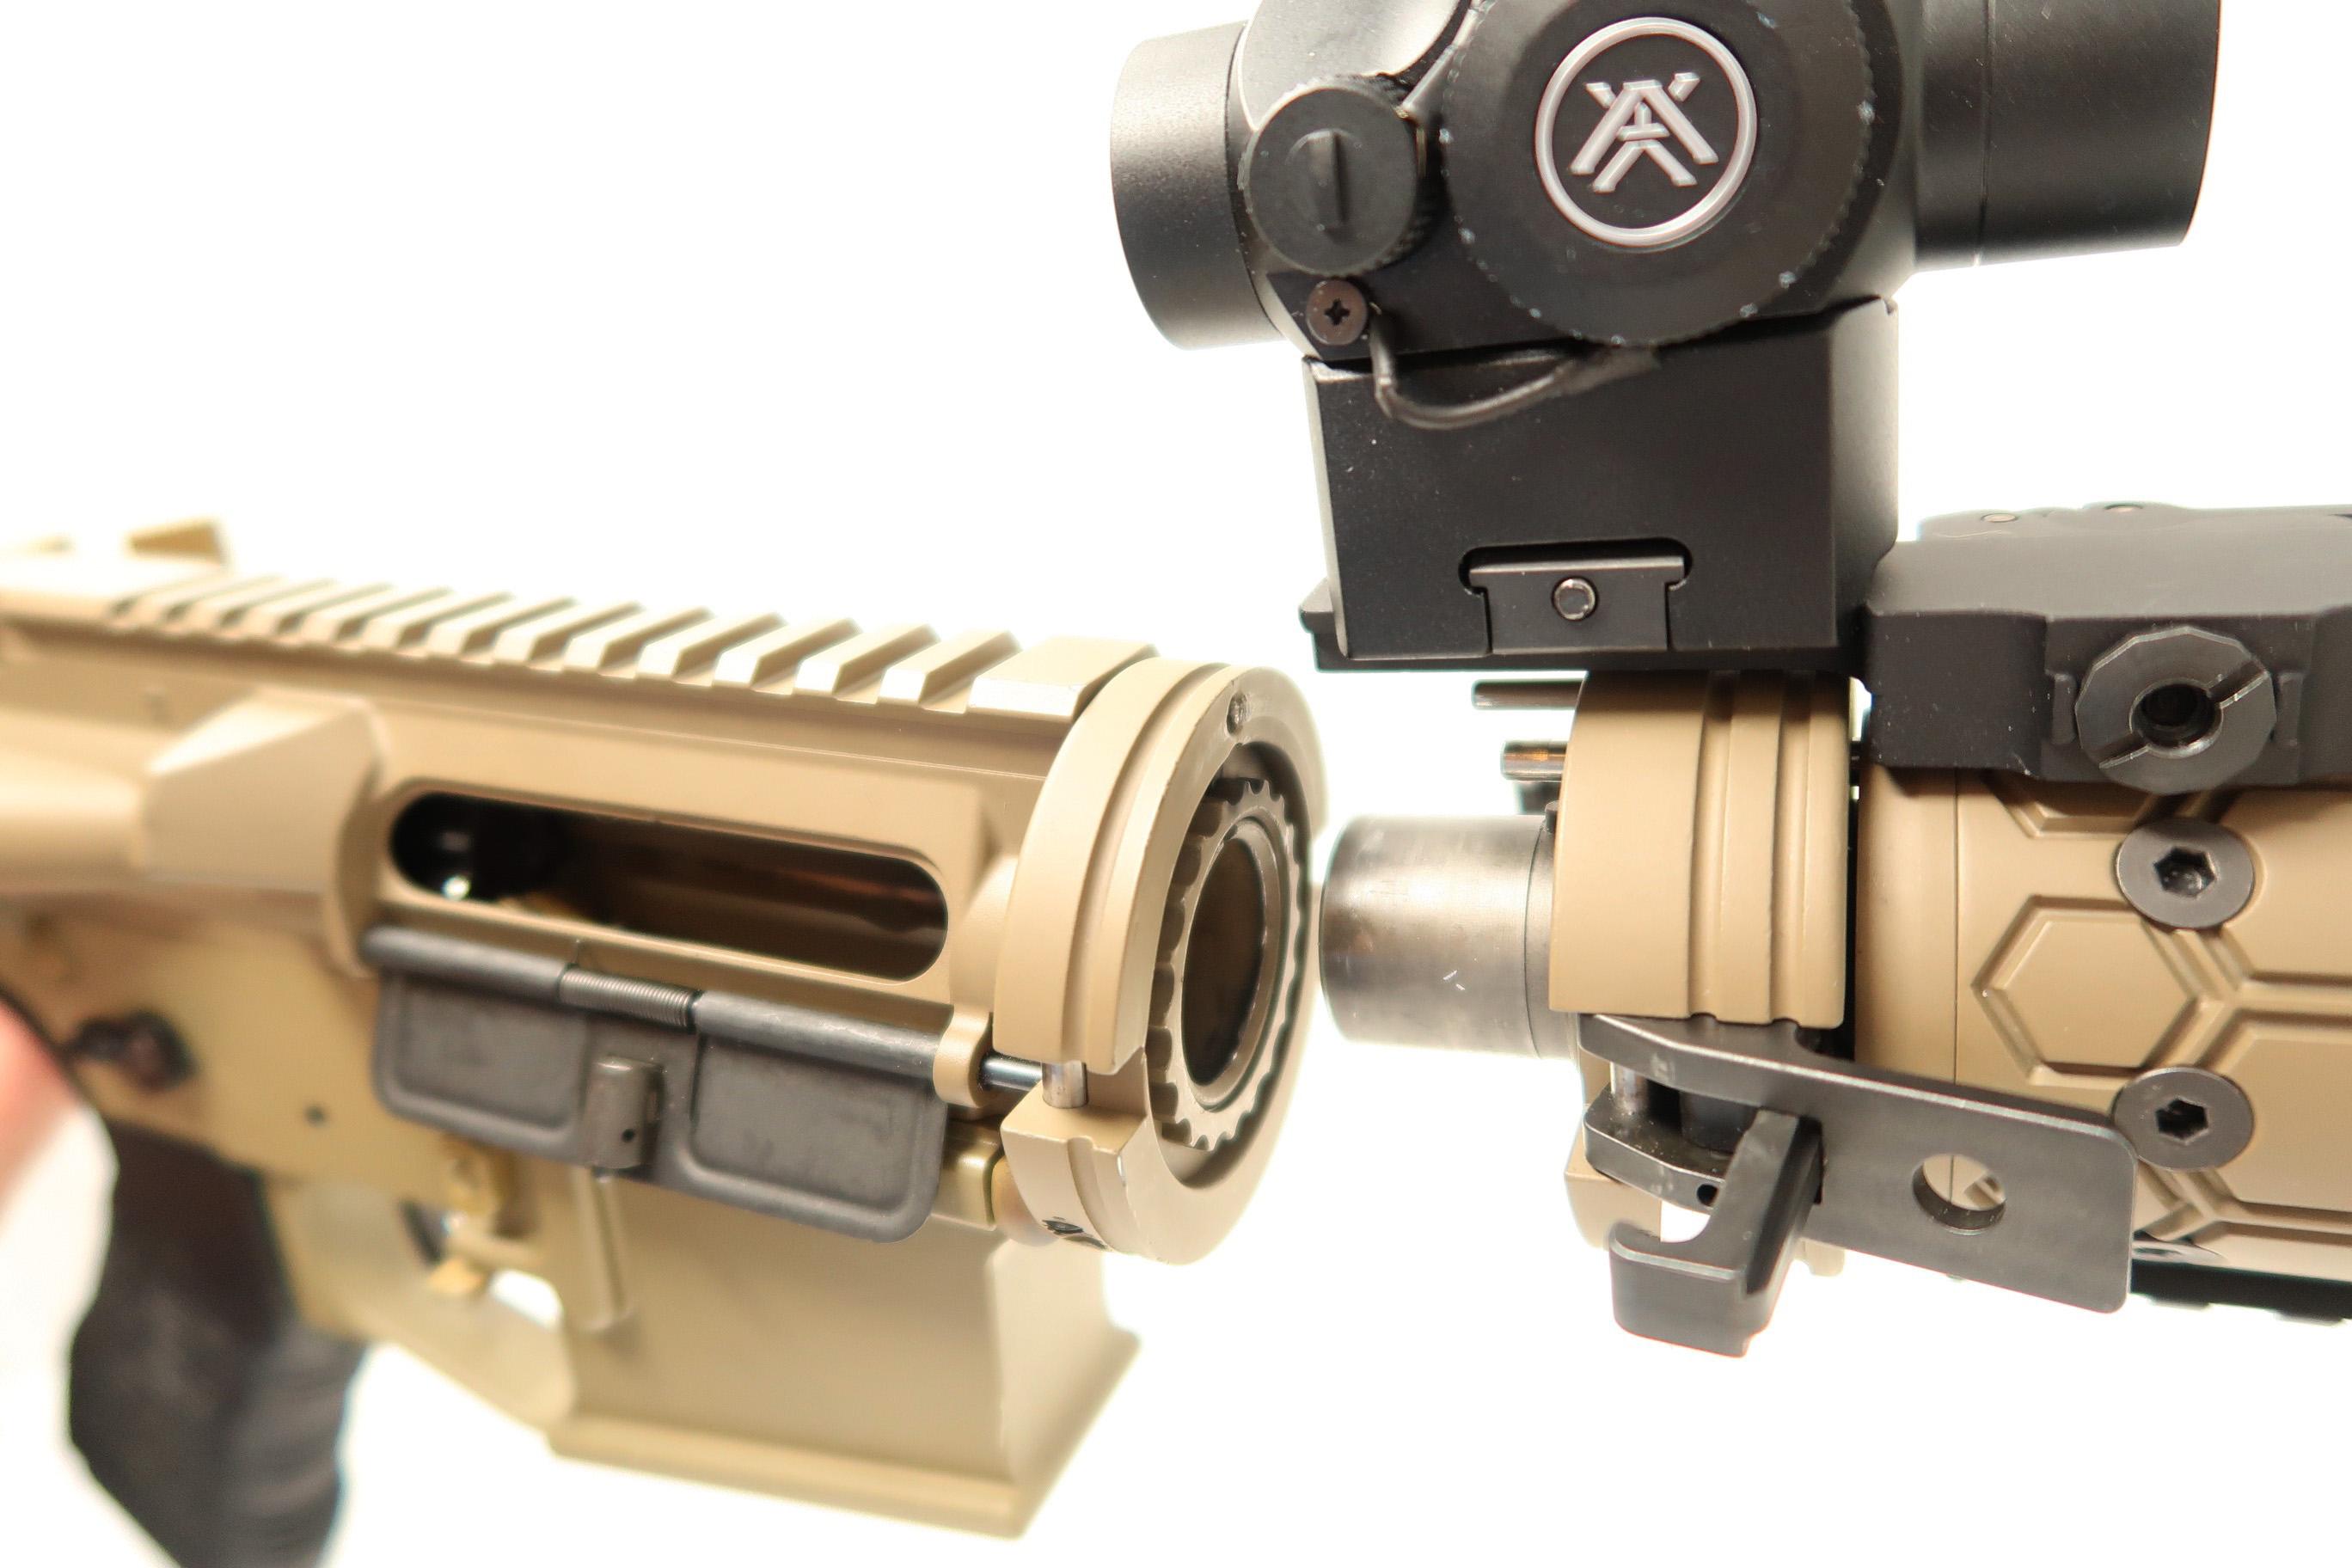 Customized Multi-Caliber Combat/Tactical AR-15 Short